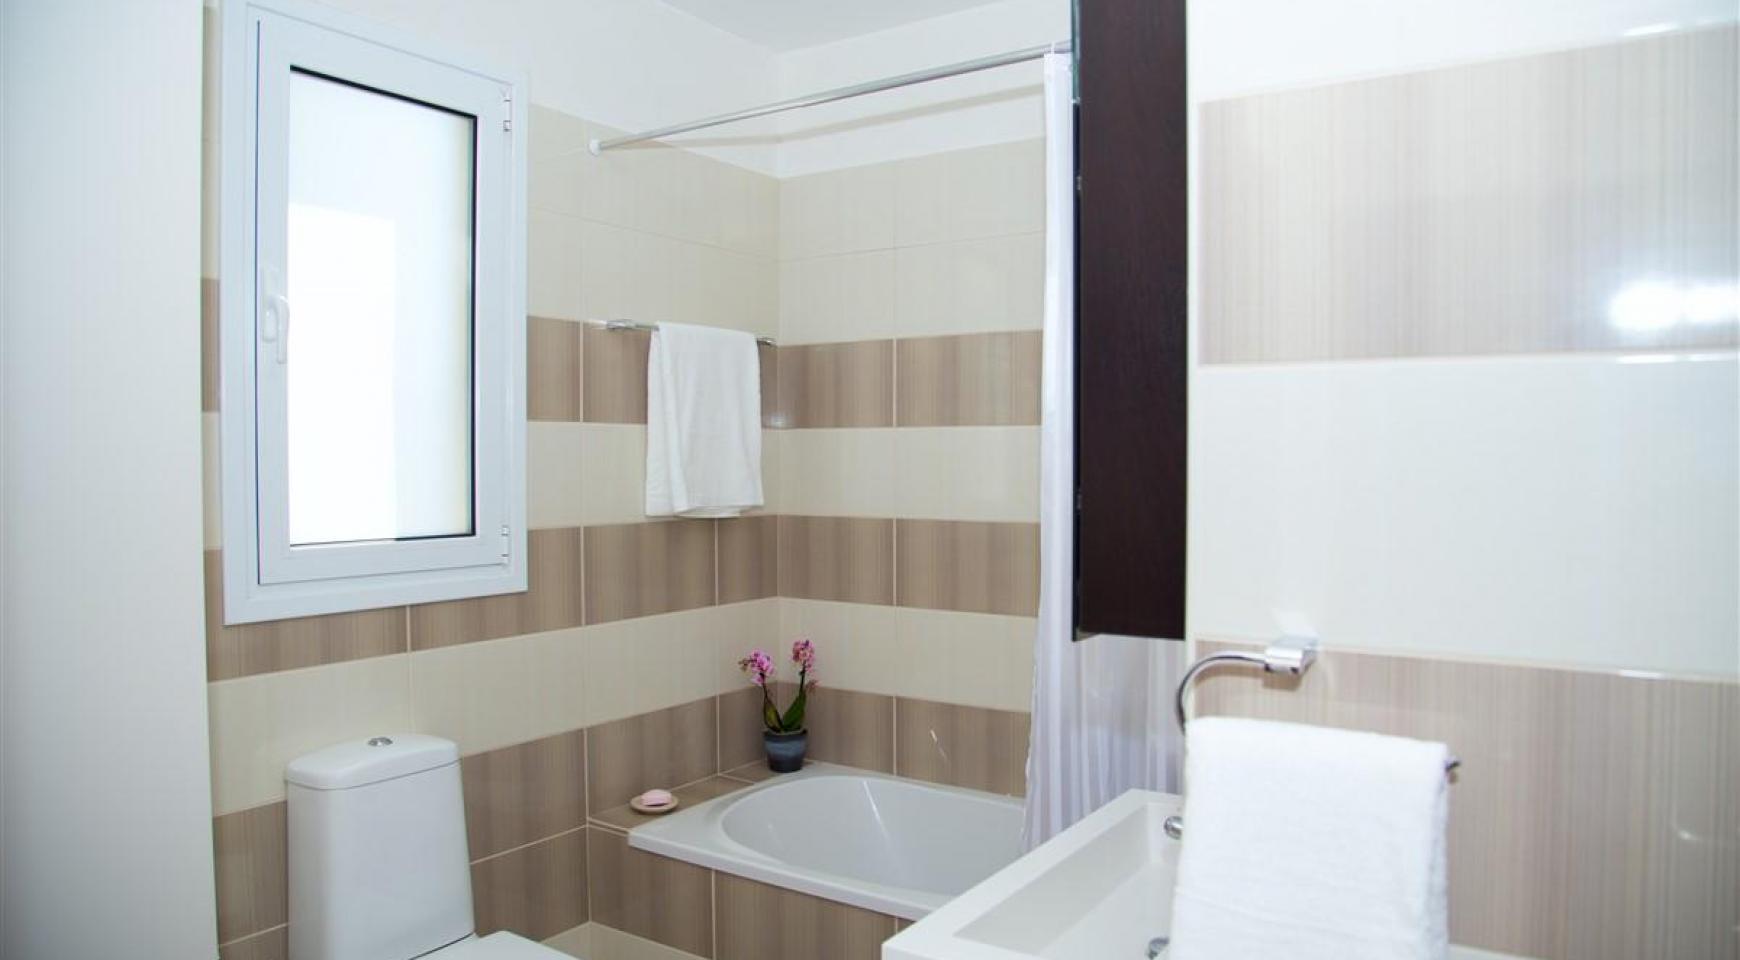 Μοντέρνο διαμέρισμα 2 υπνοδωματίων στην περιοχή Ποταμός Γερμασόγειας - 13